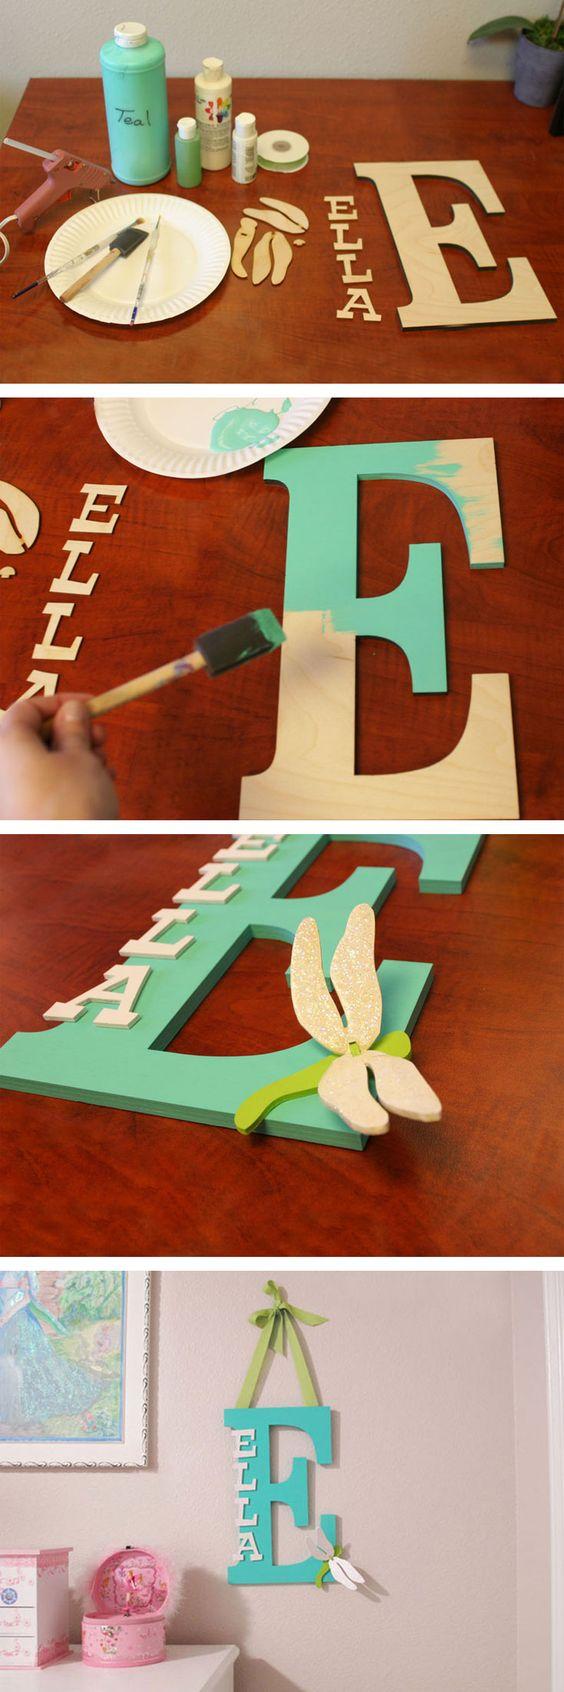 personalizar letras